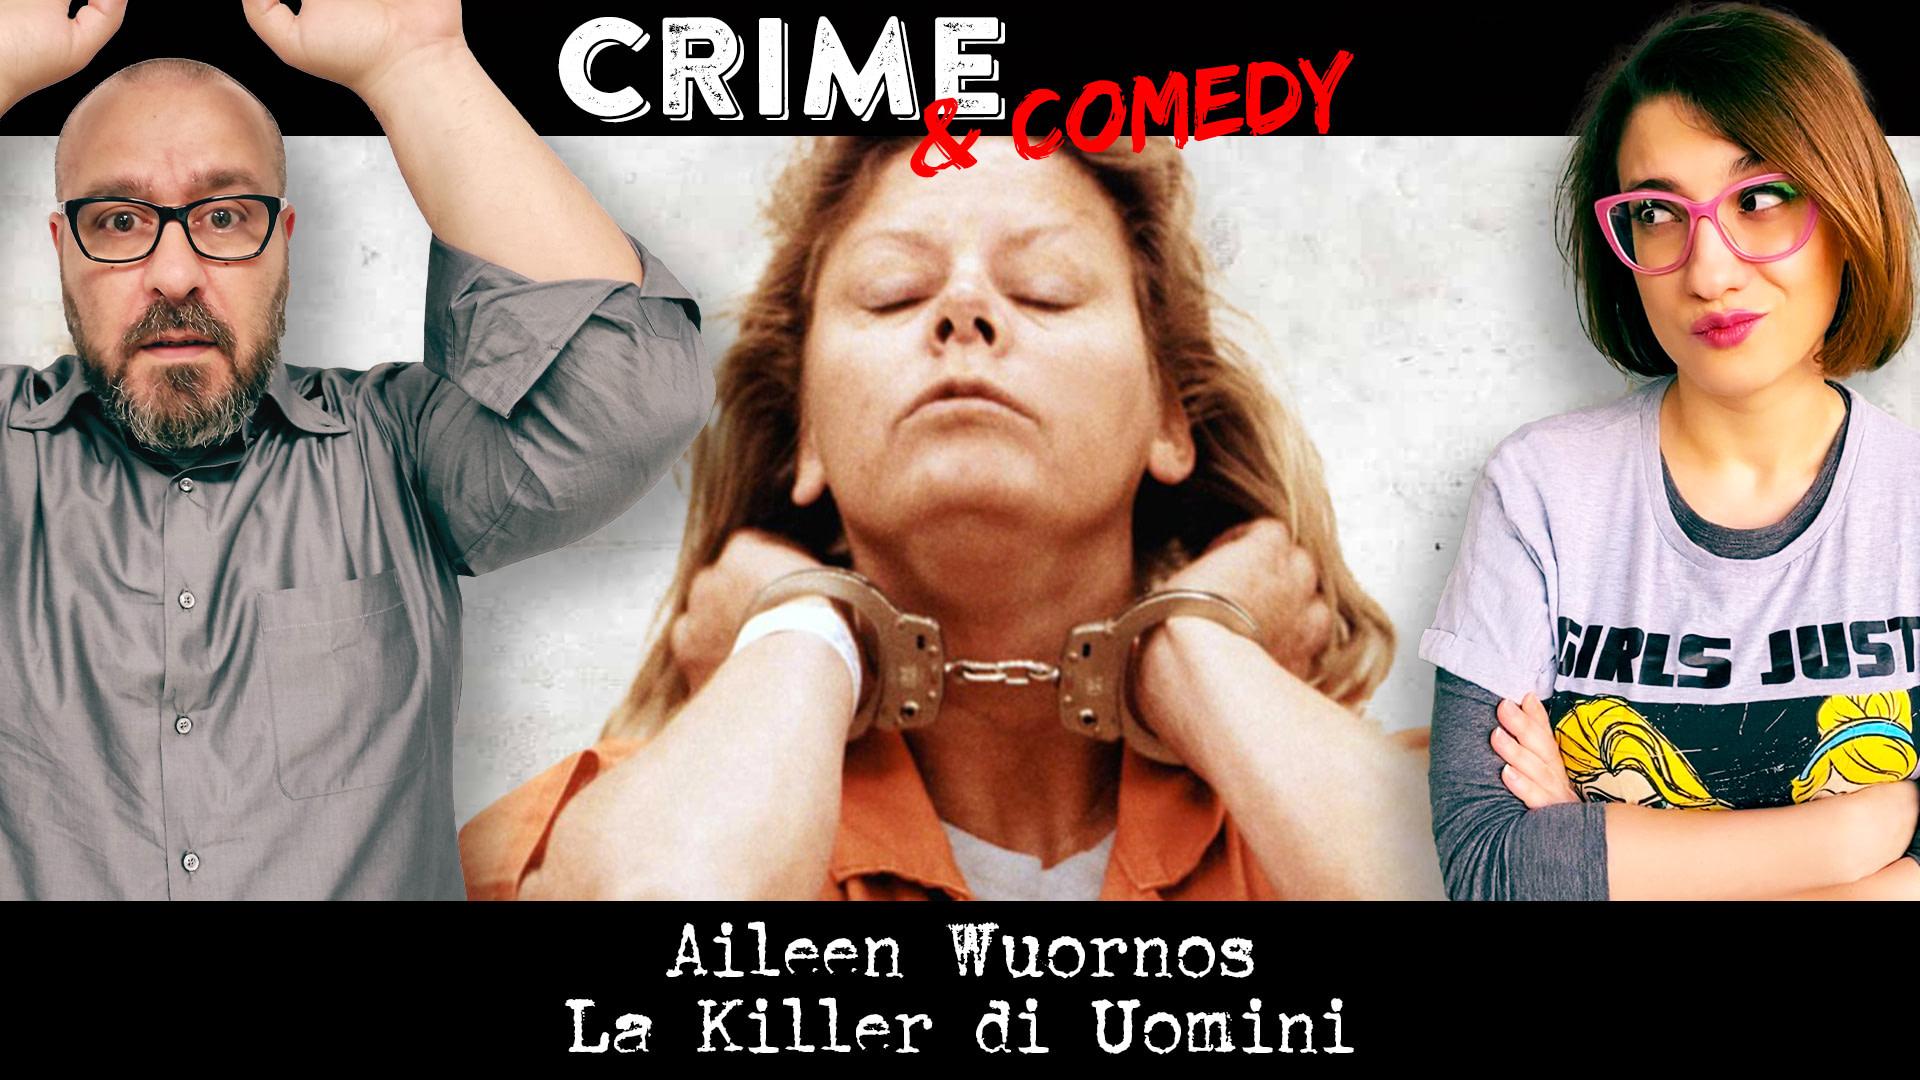 Aileen Wuornos - Podcast - La Killer di Uomini